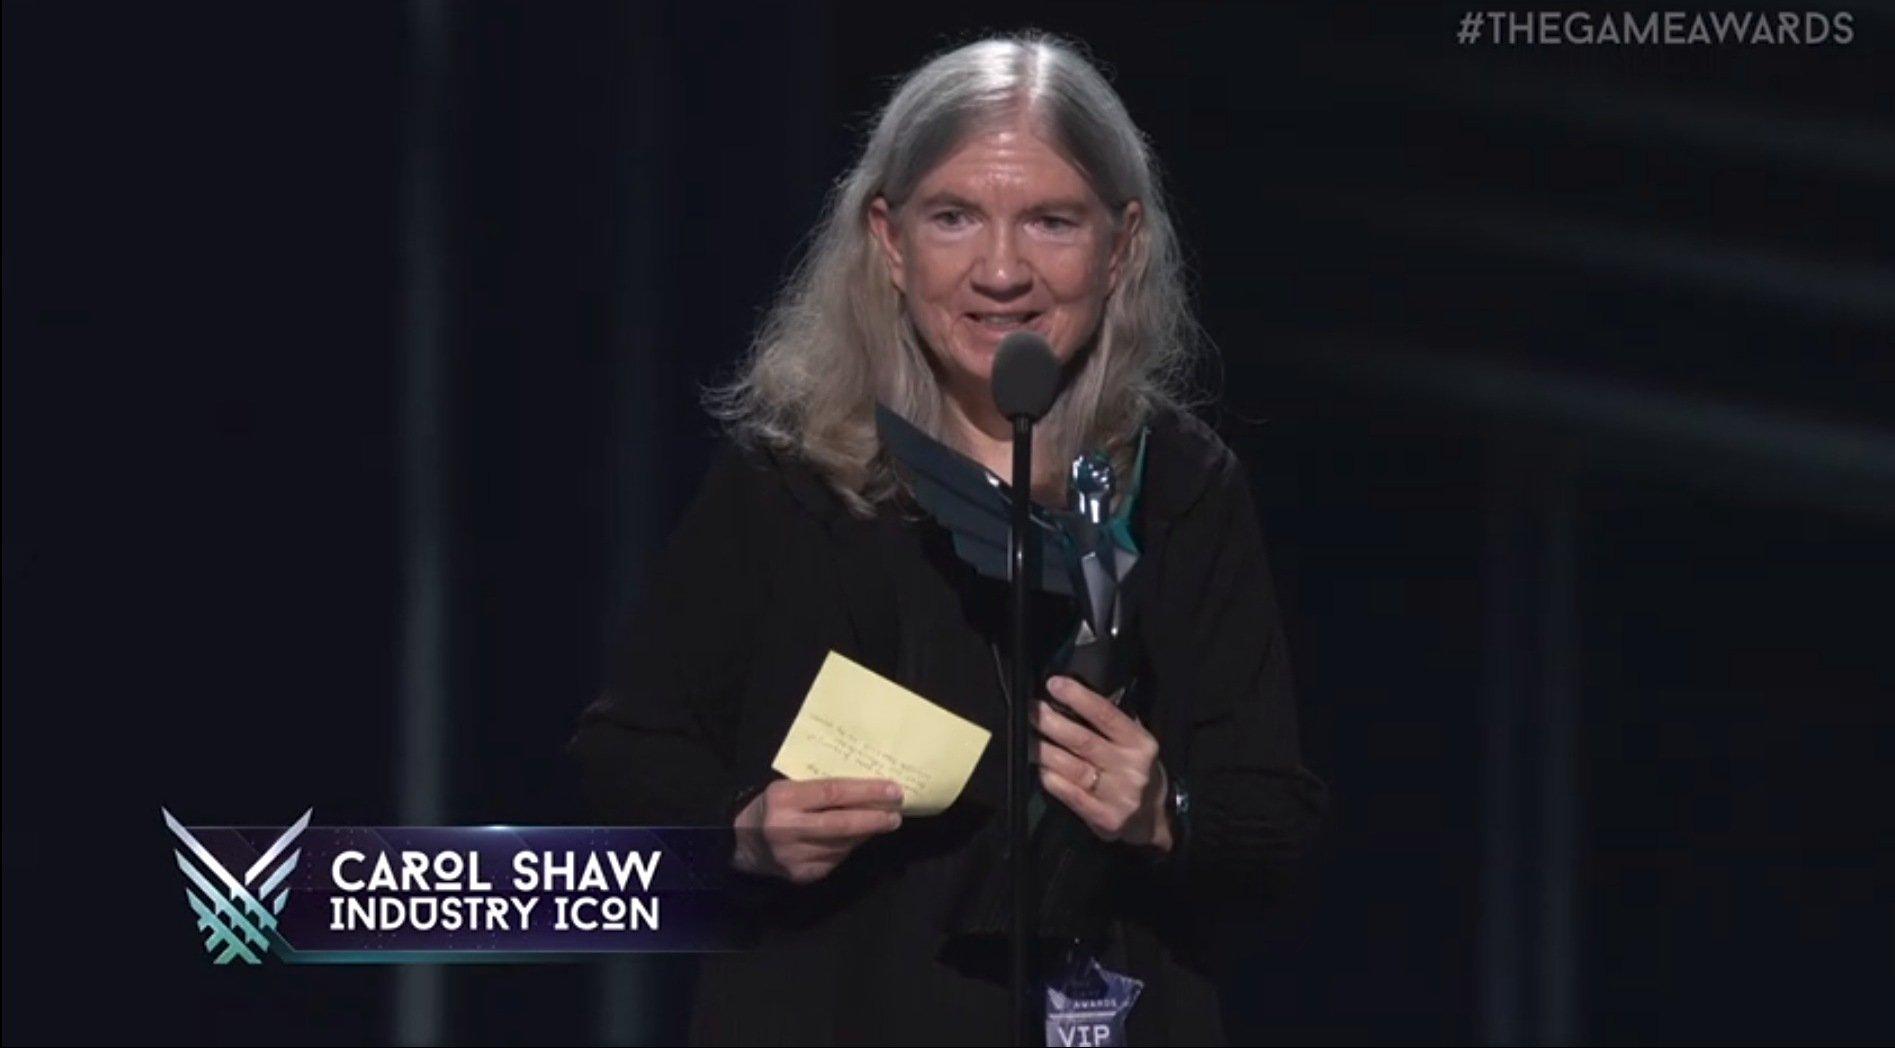 Carol Shaw